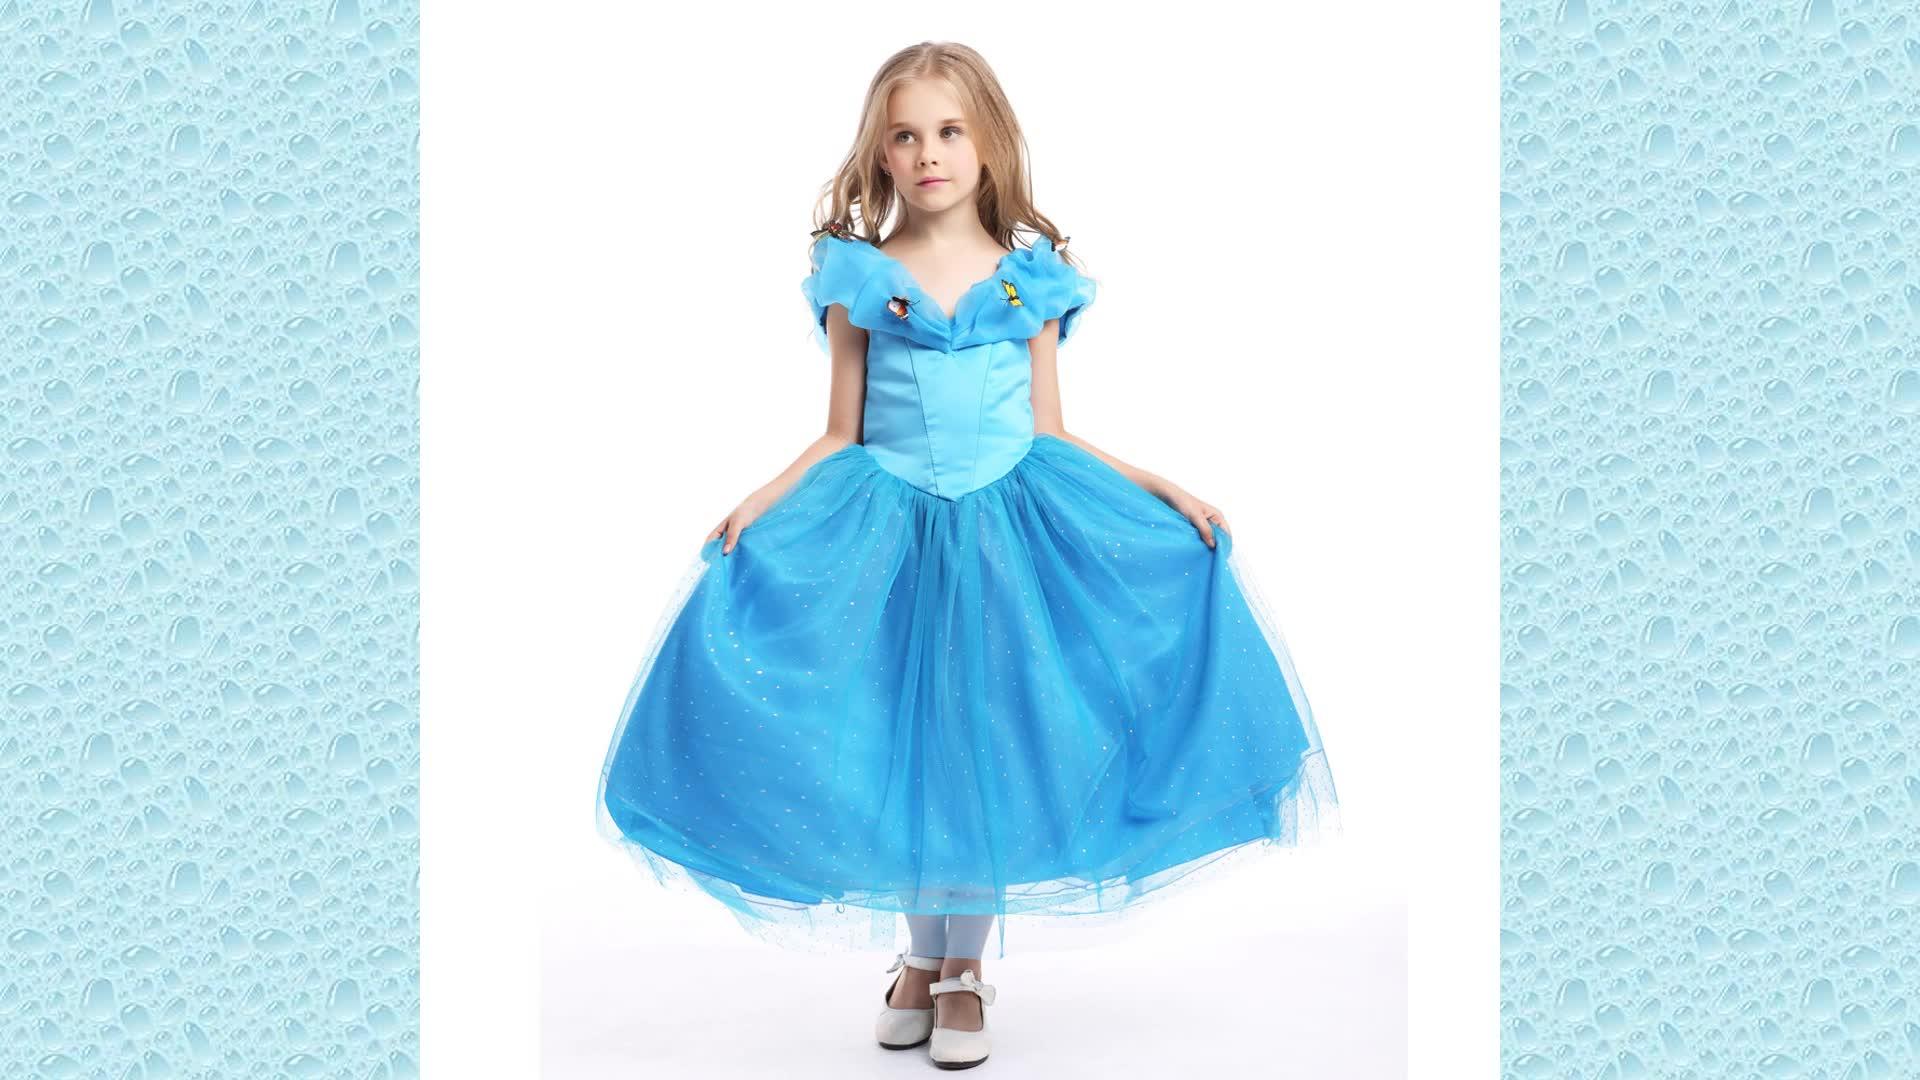 Cinderella cospay ชุดทีวีและภาพยนตร์เครื่องแต่งกาย 2016 ออกแบบใหม่สีฟ้าเจ้าหญิงชุดการออกแบบ